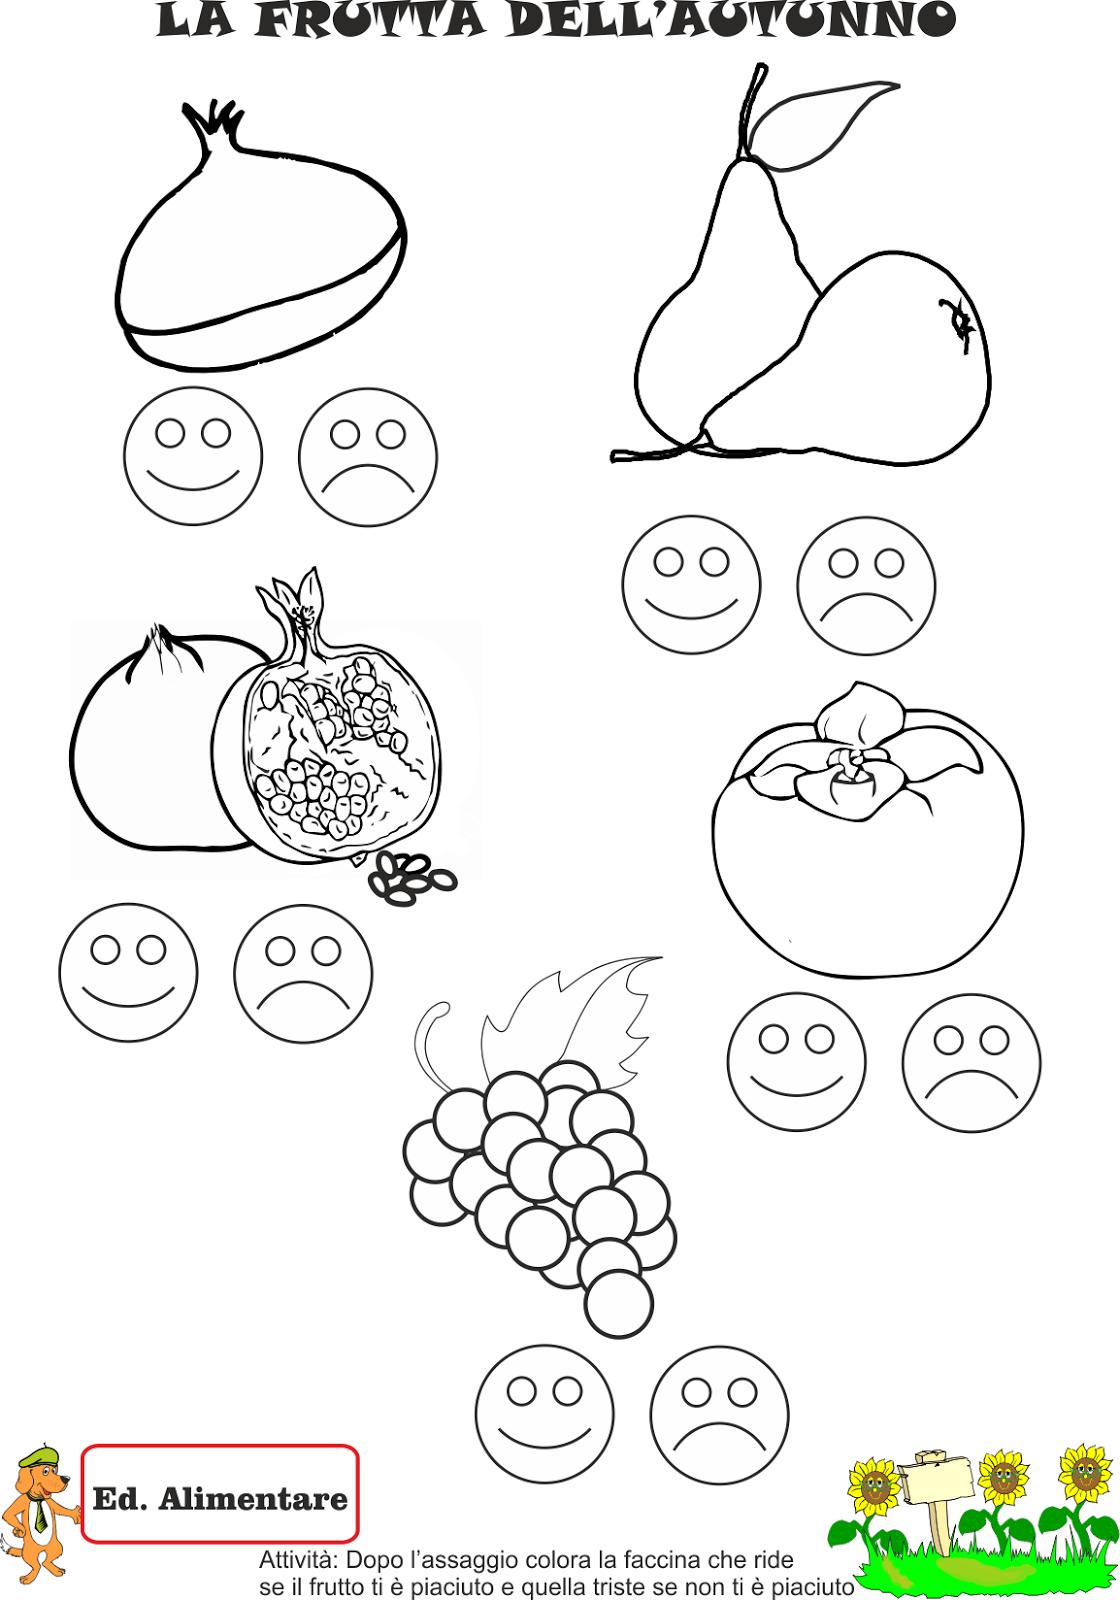 A Scuola con Poldo: La frutta dell'autunno